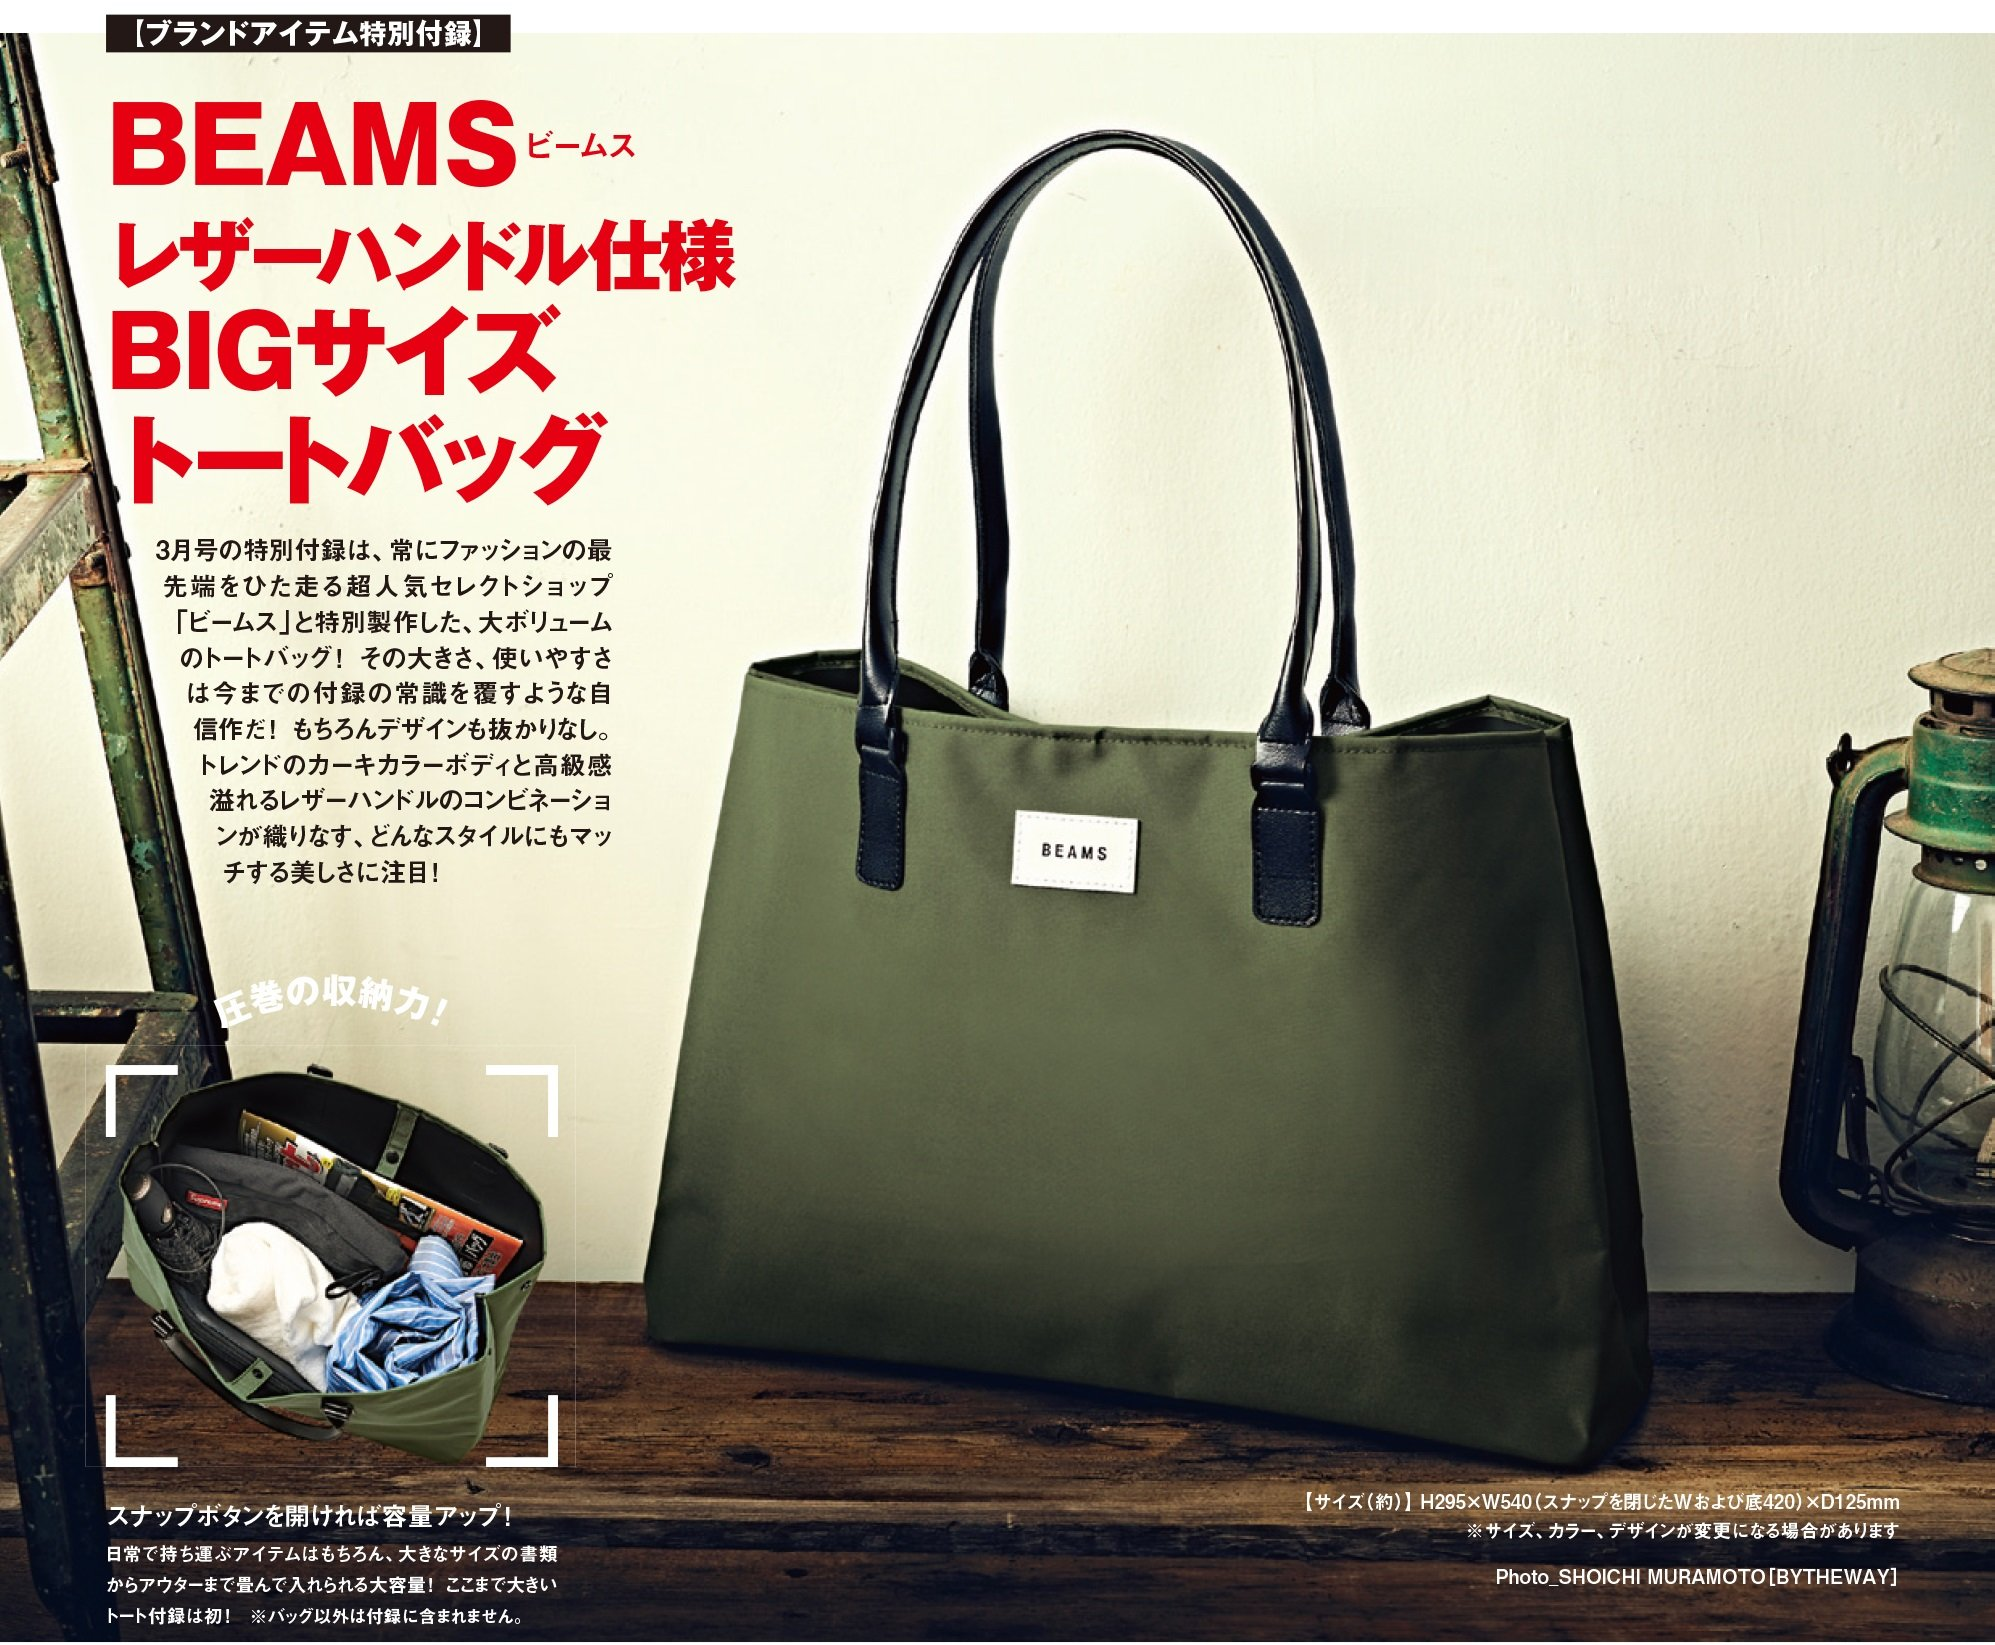 アマゾンで雑誌のsmart(スマート) 2017年3月号を820円で買うと、BEAMSビッグトートバッグがおまけで貰える。1/24~。